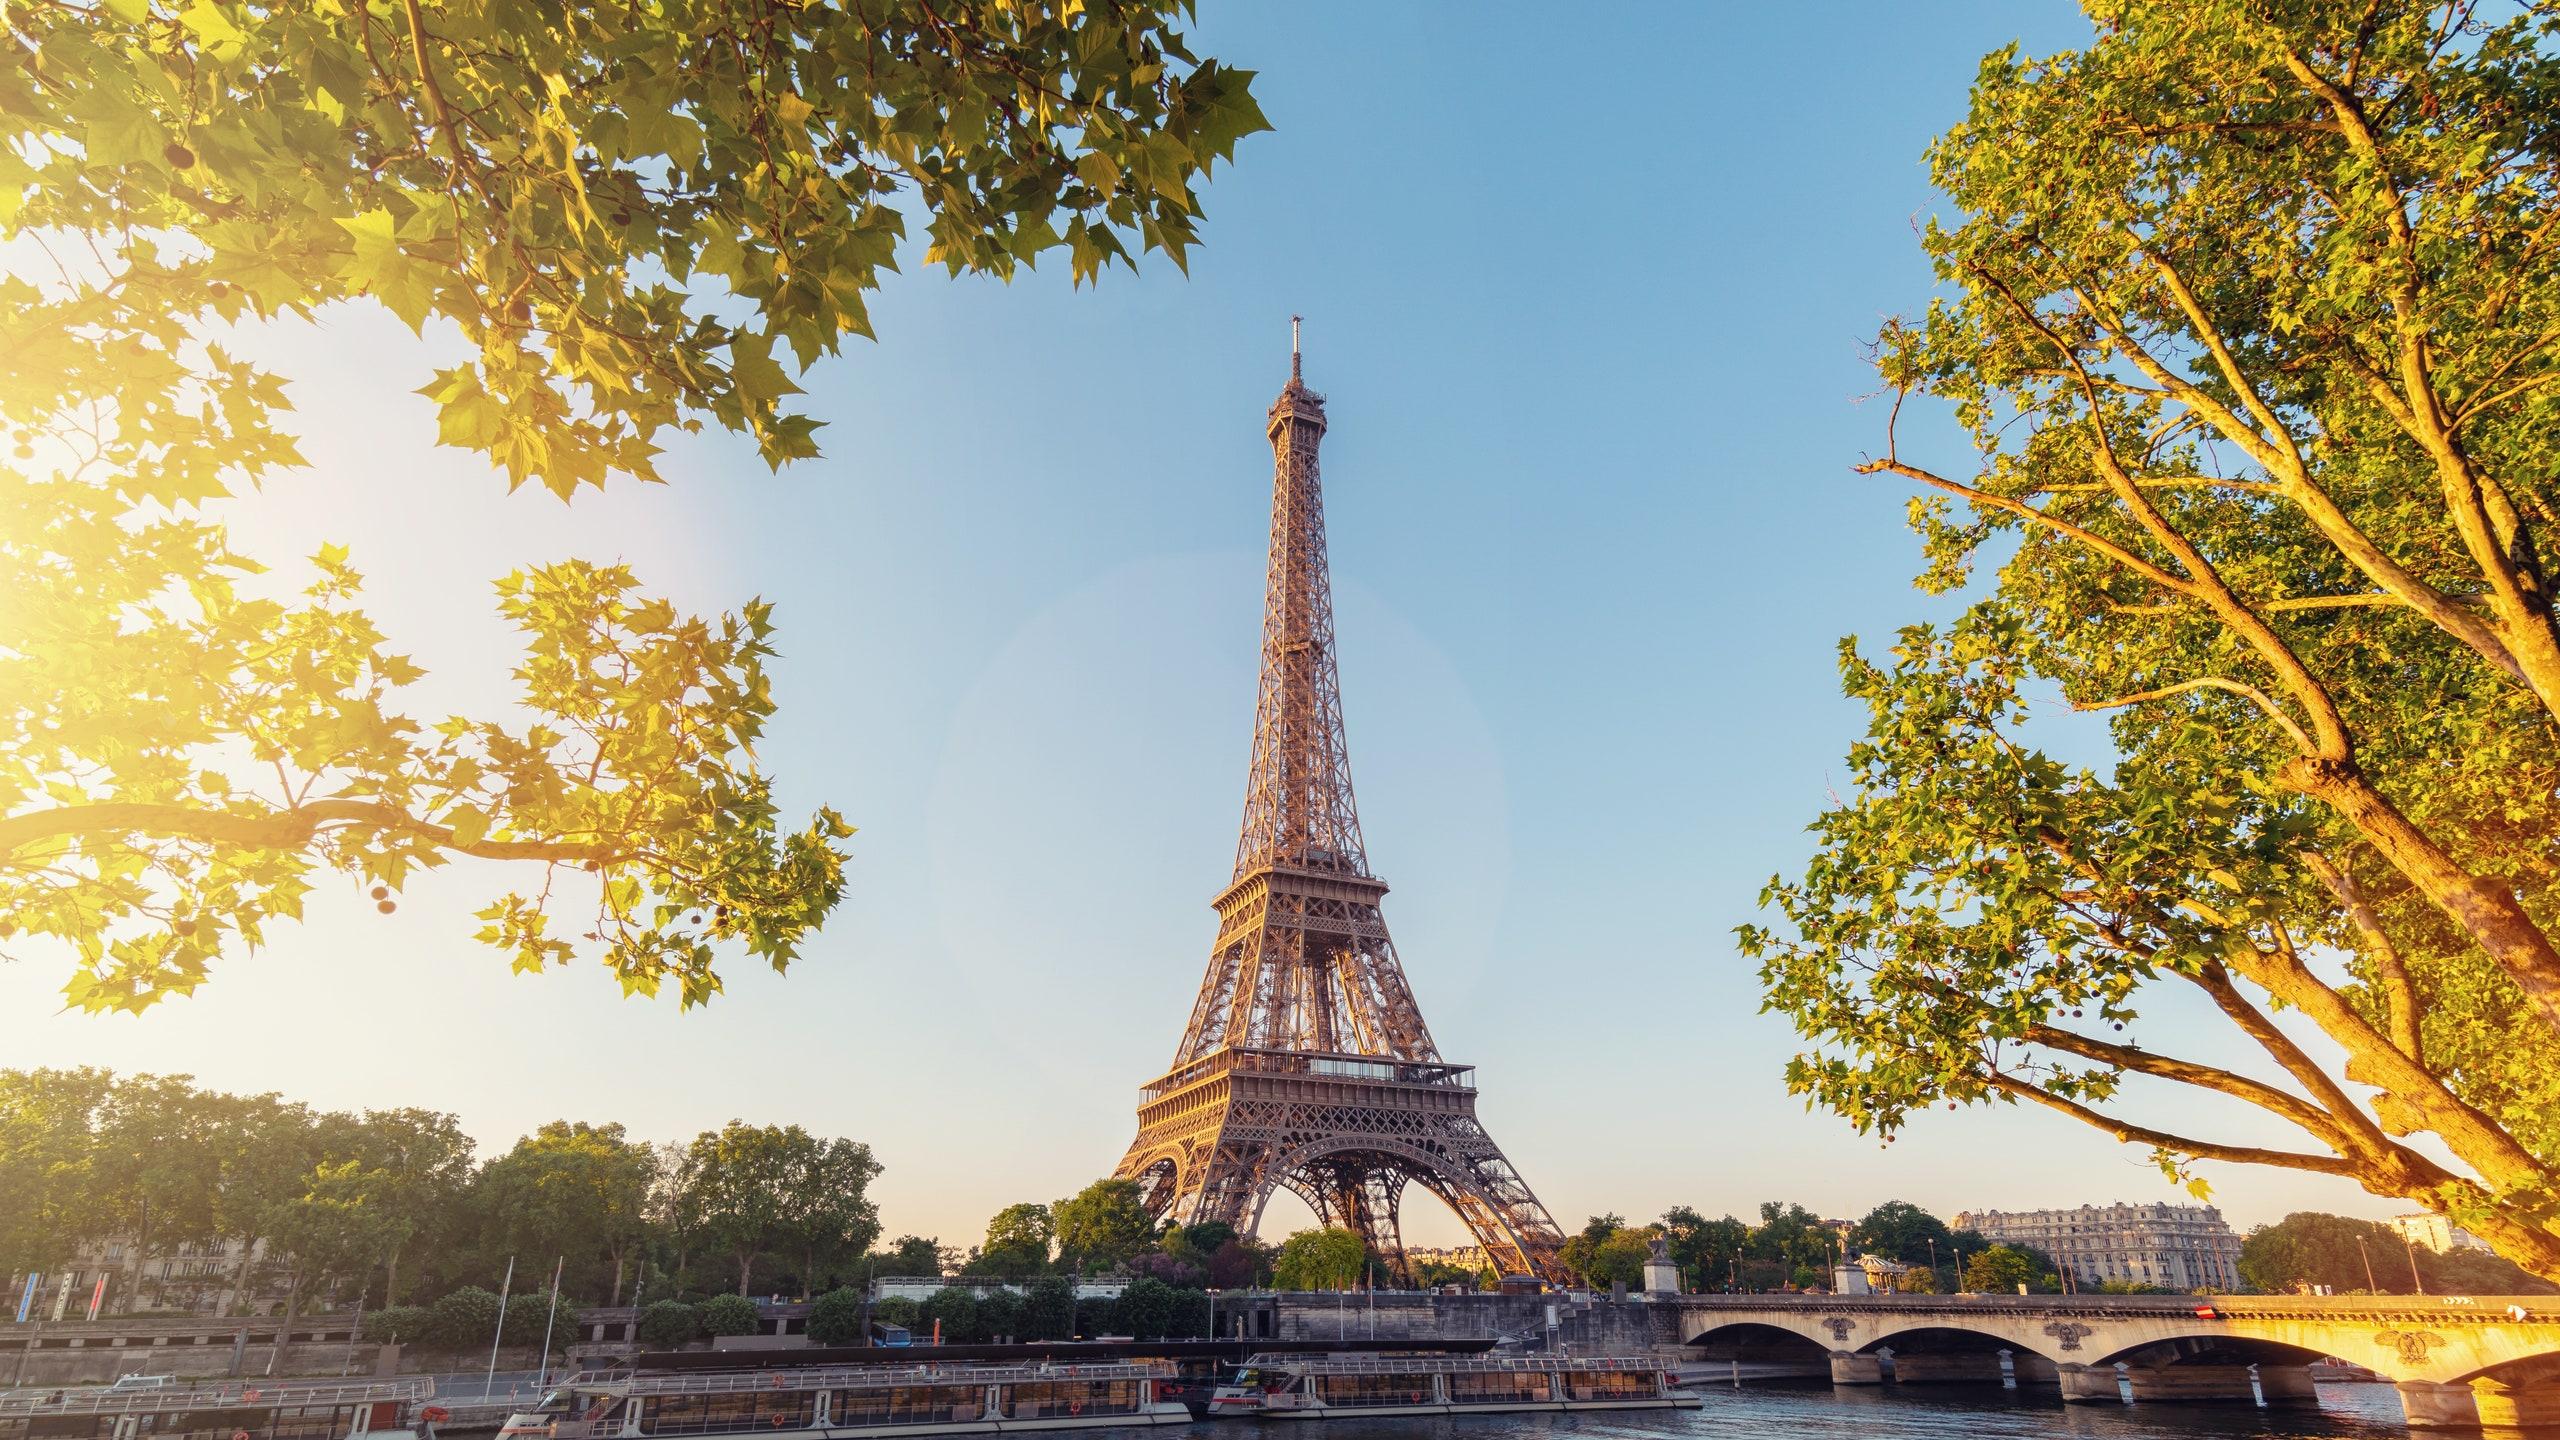 Le Paris Housing Scheme Gujranwala | Location | Payment  plan | Features  | Project Details - Dreams Marketing